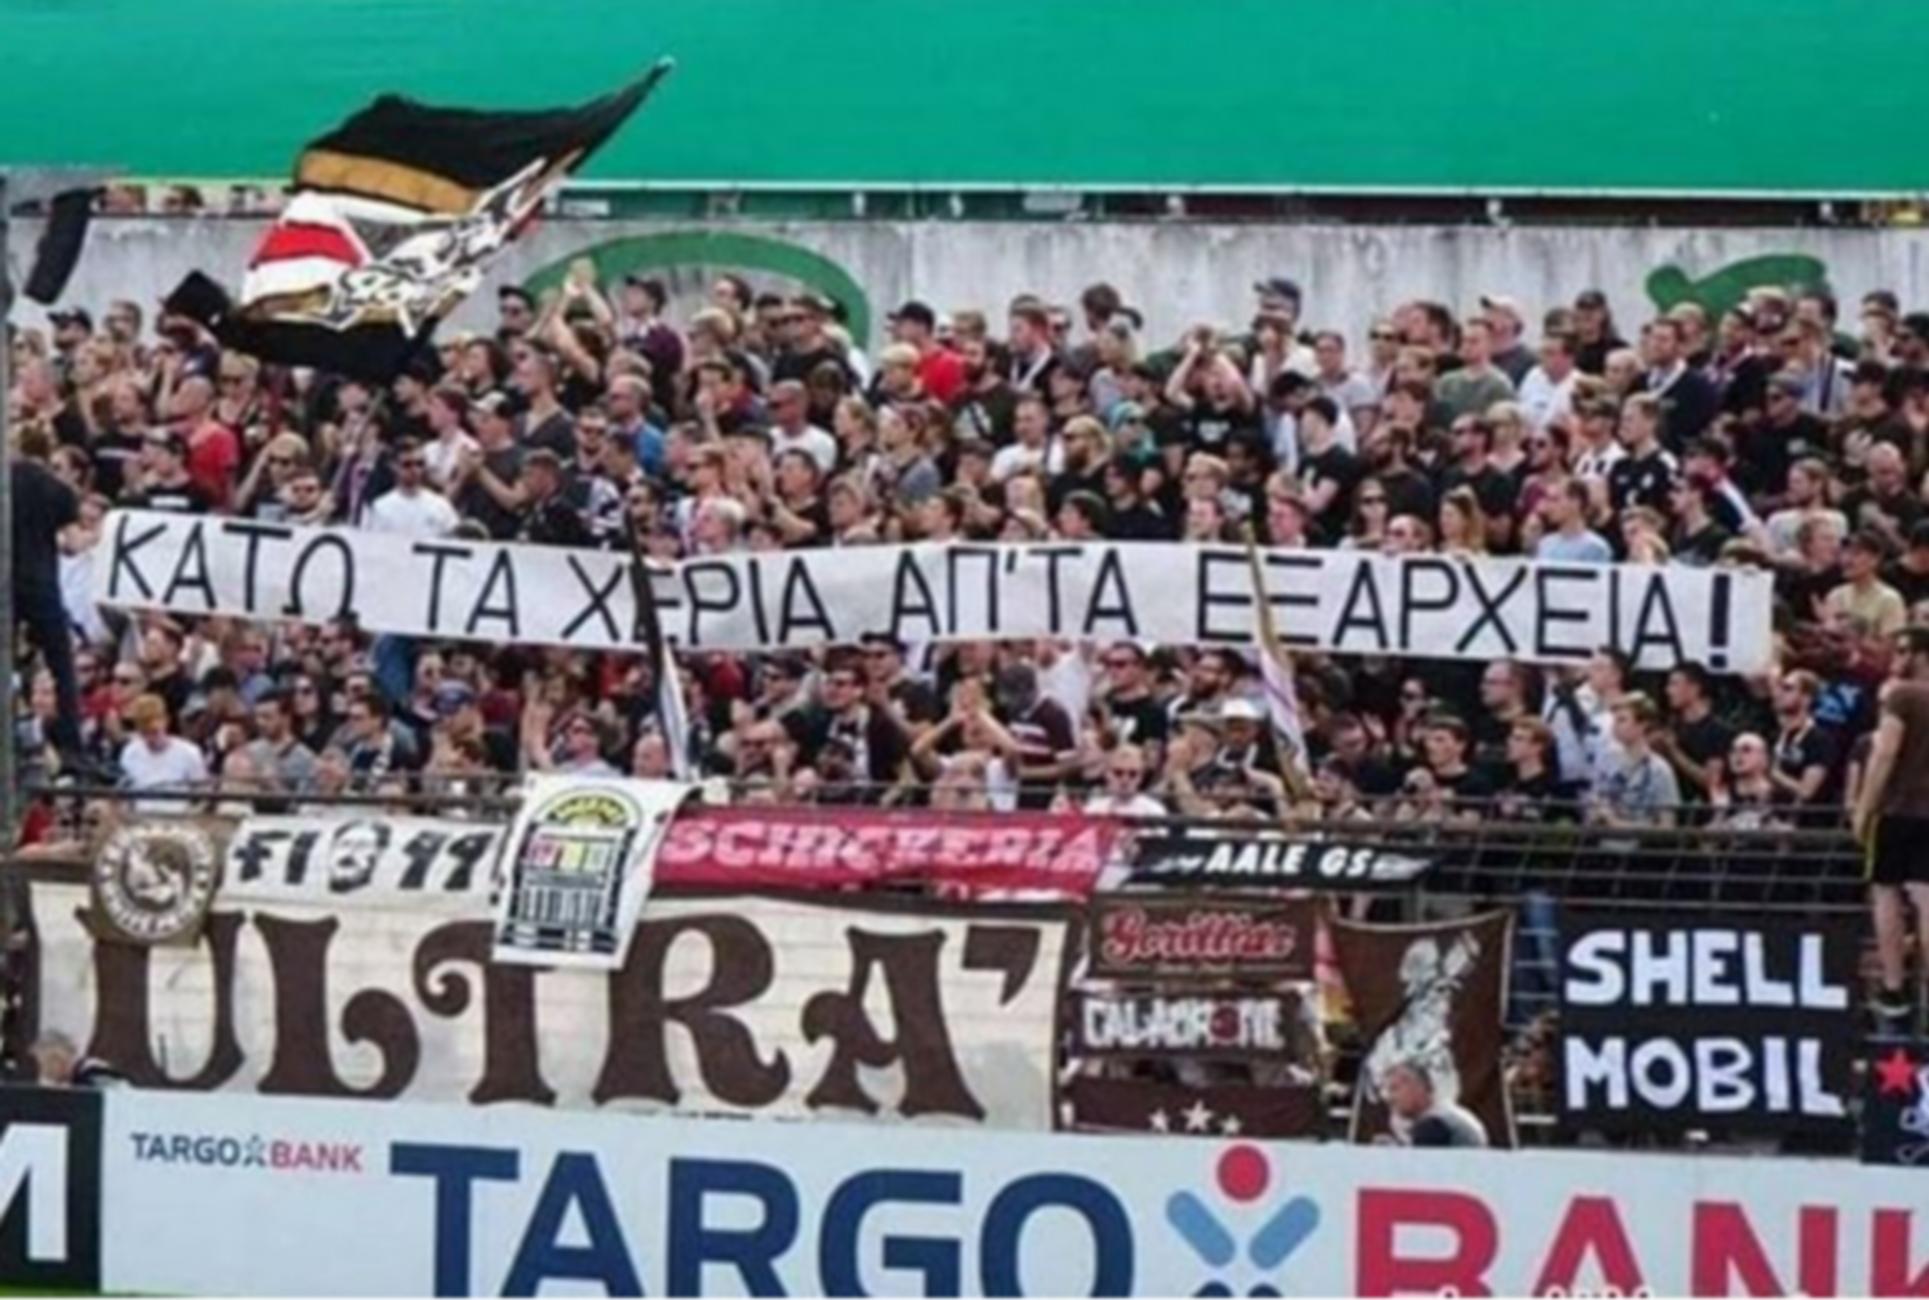 Πανό για τα Εξάρχεια σε γήπεδο της Γερμανίας! [pic]